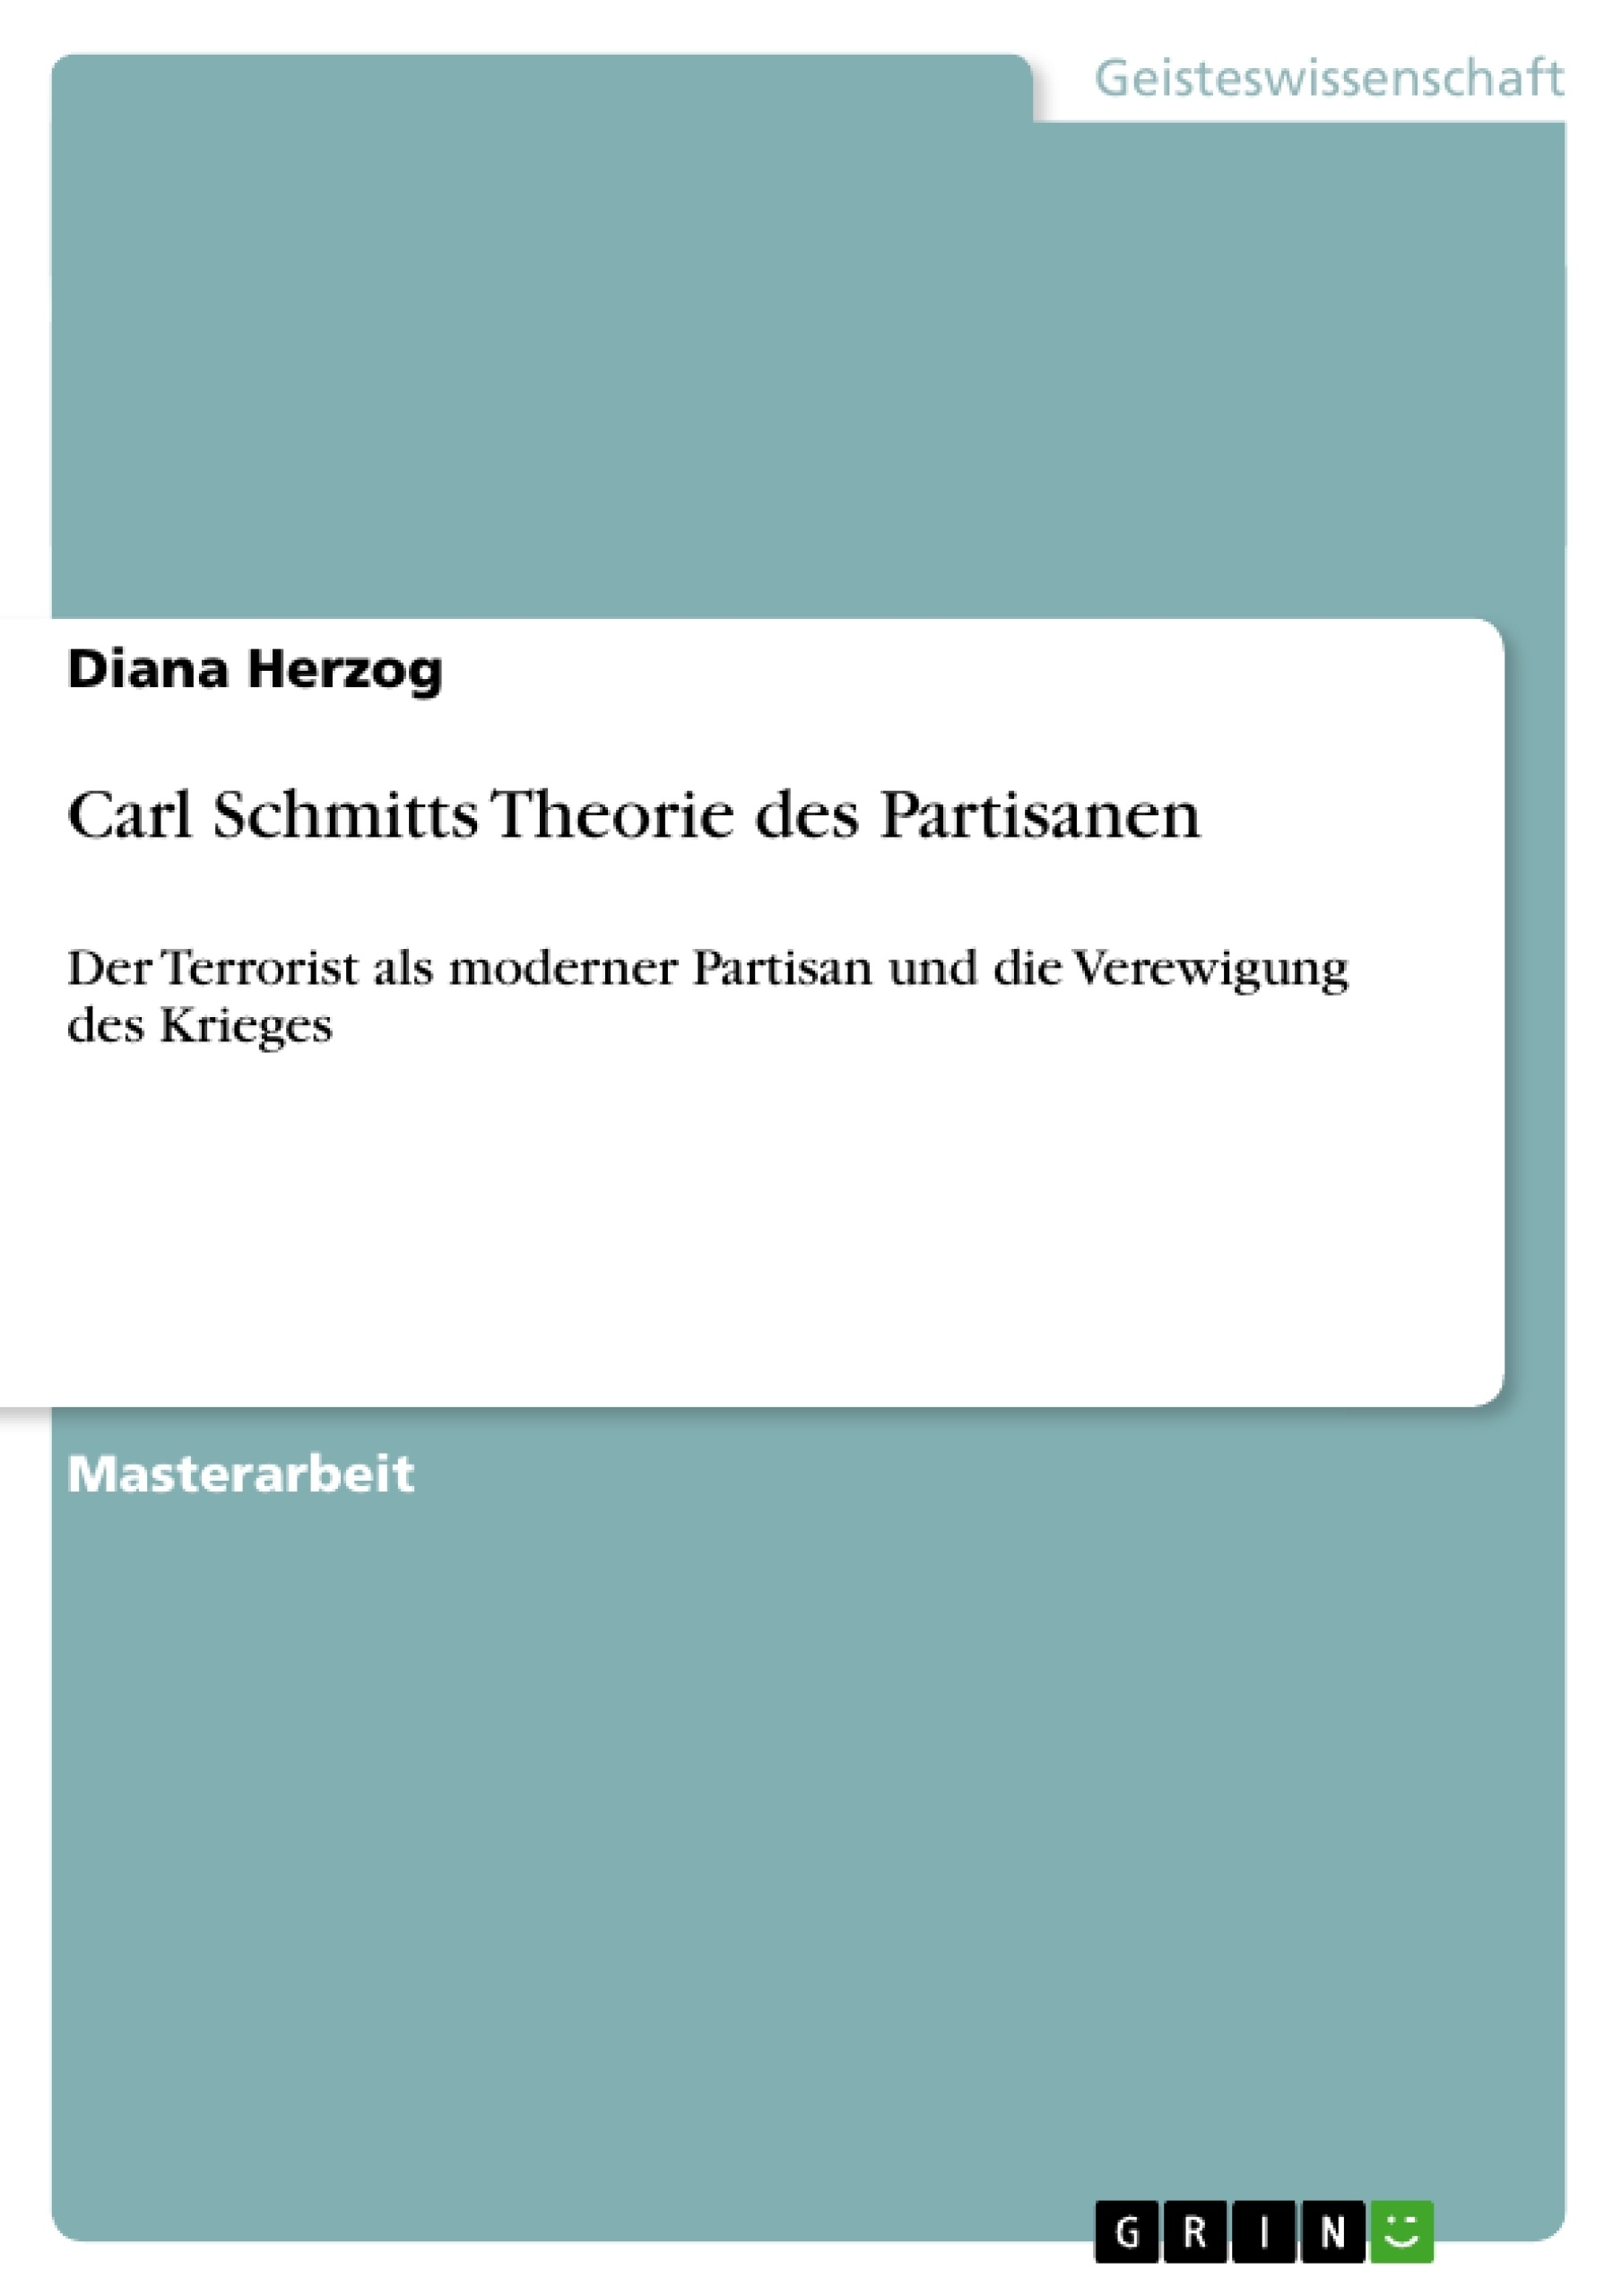 Titel: Carl Schmitts Theorie des Partisanen